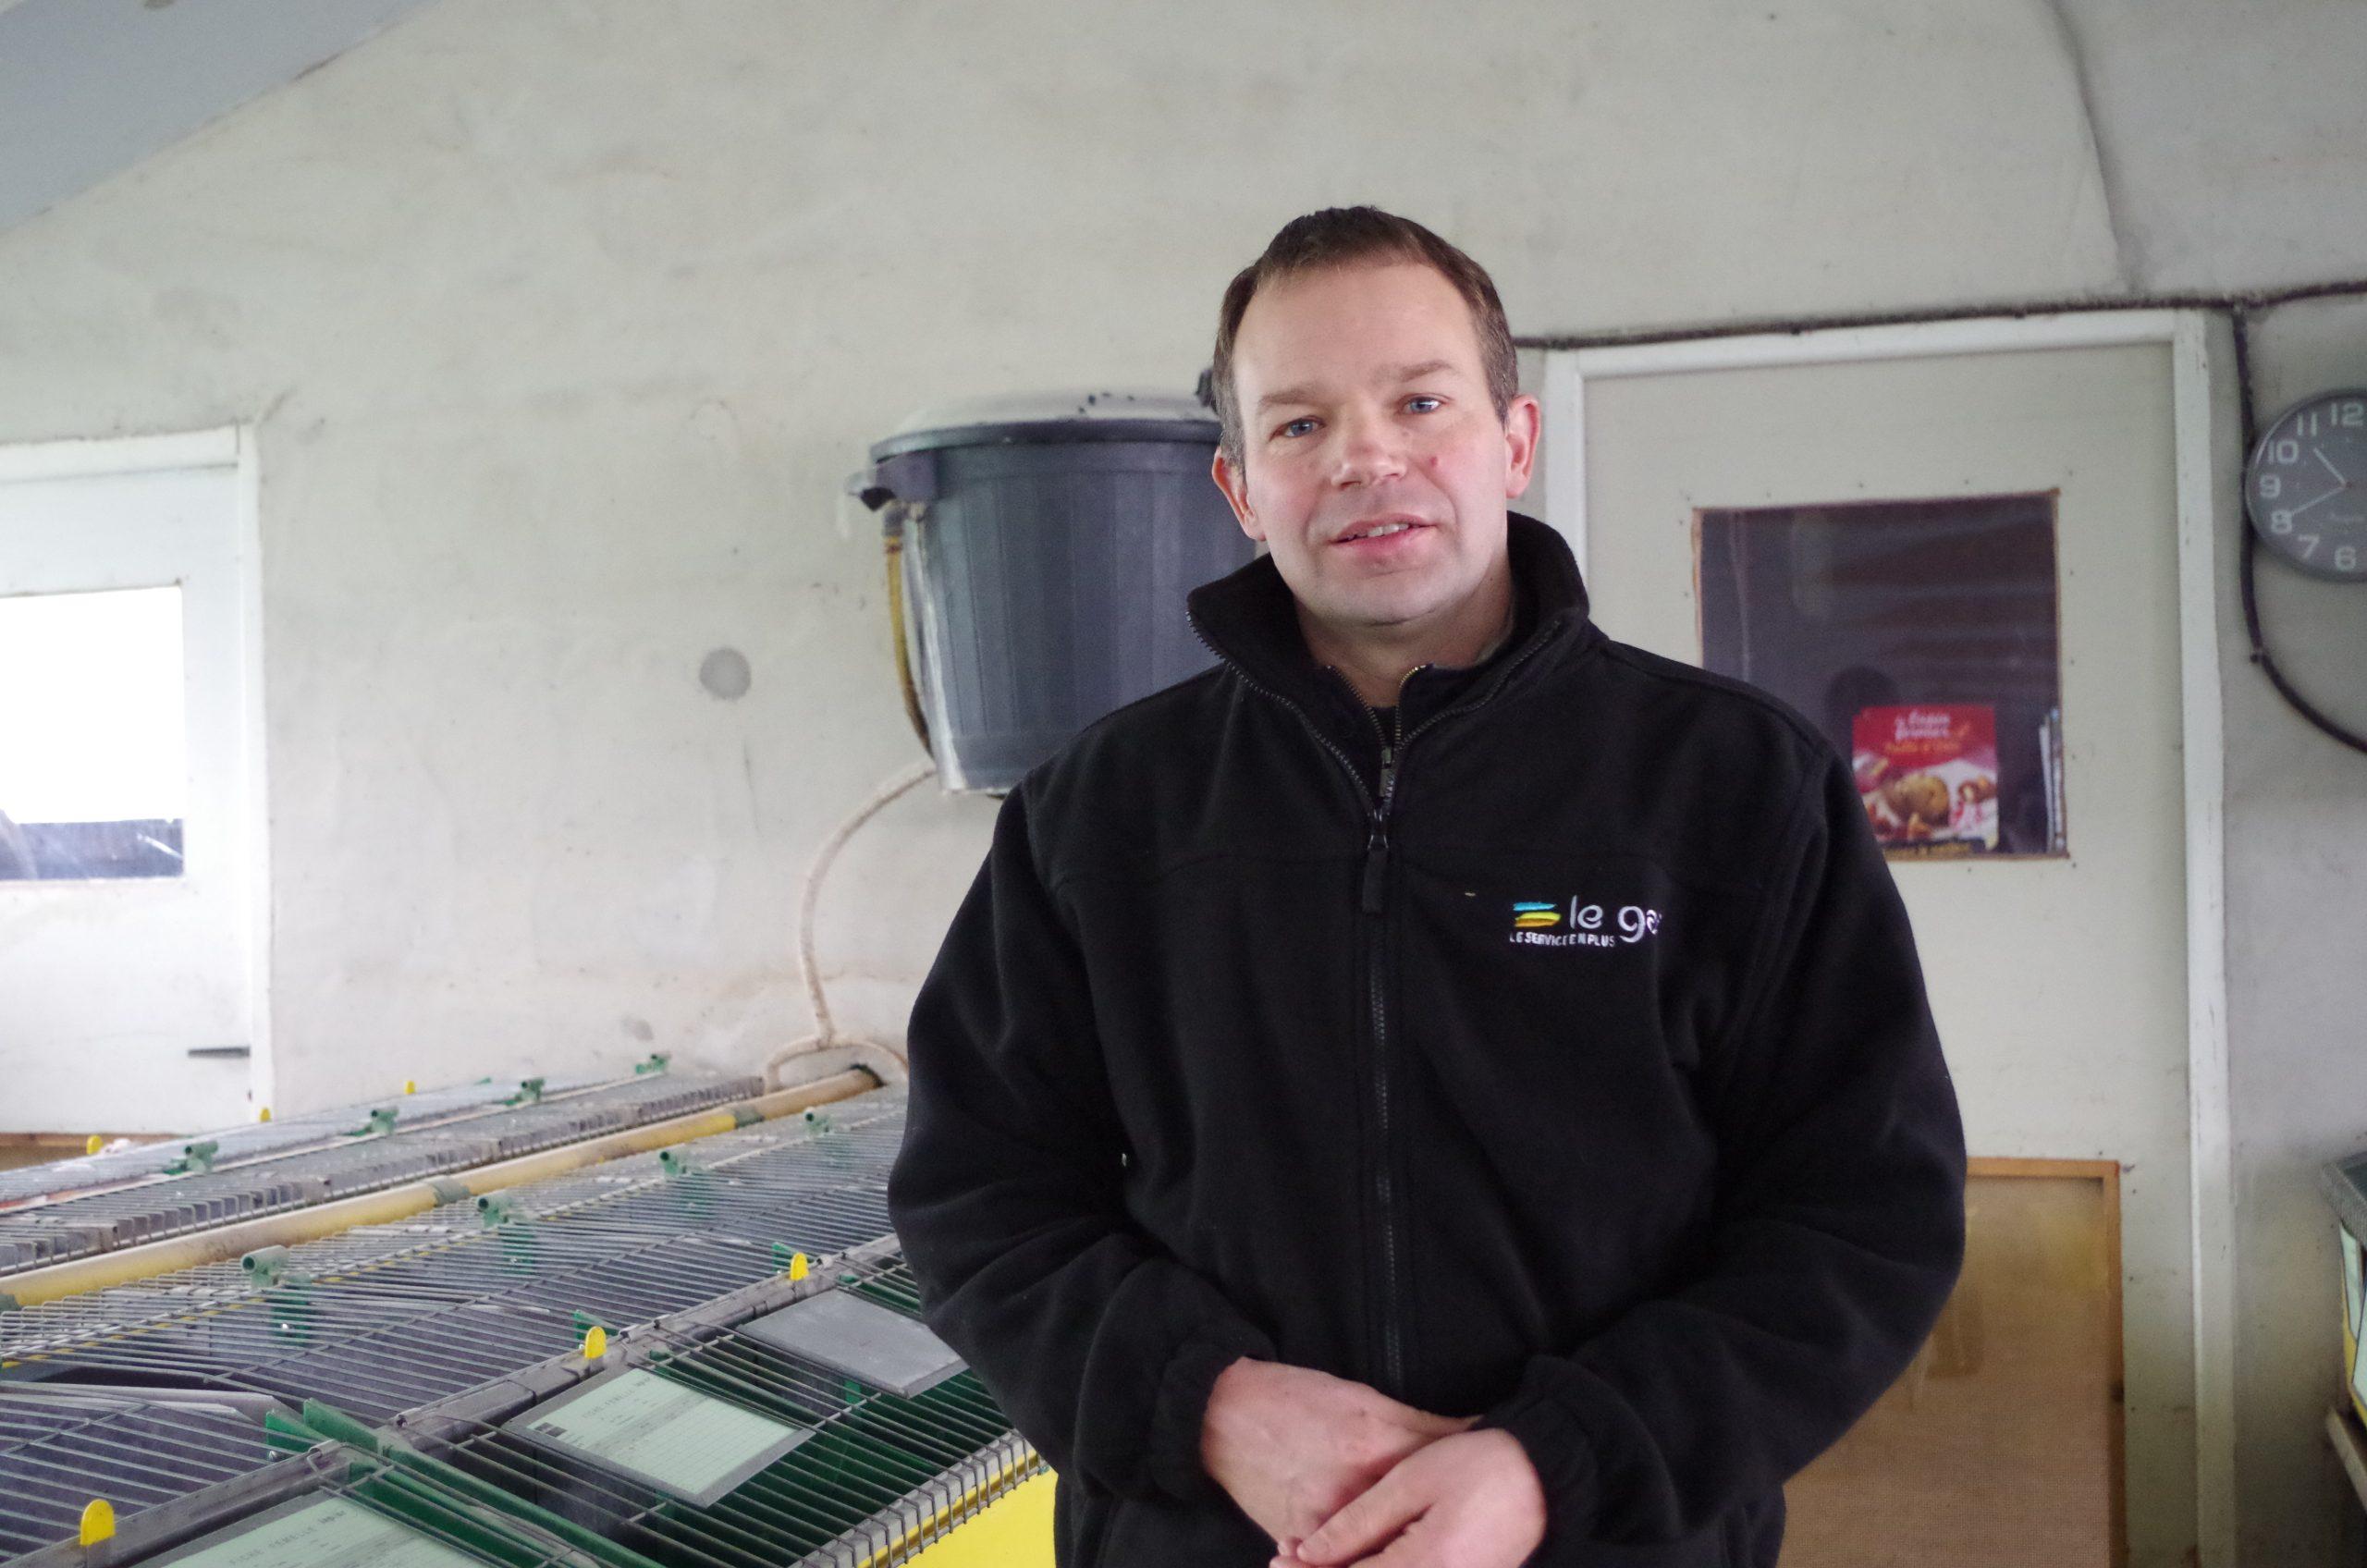 Mickaël Grall éleveur de lapins fermiers au sein des Fermiers d'Argoat